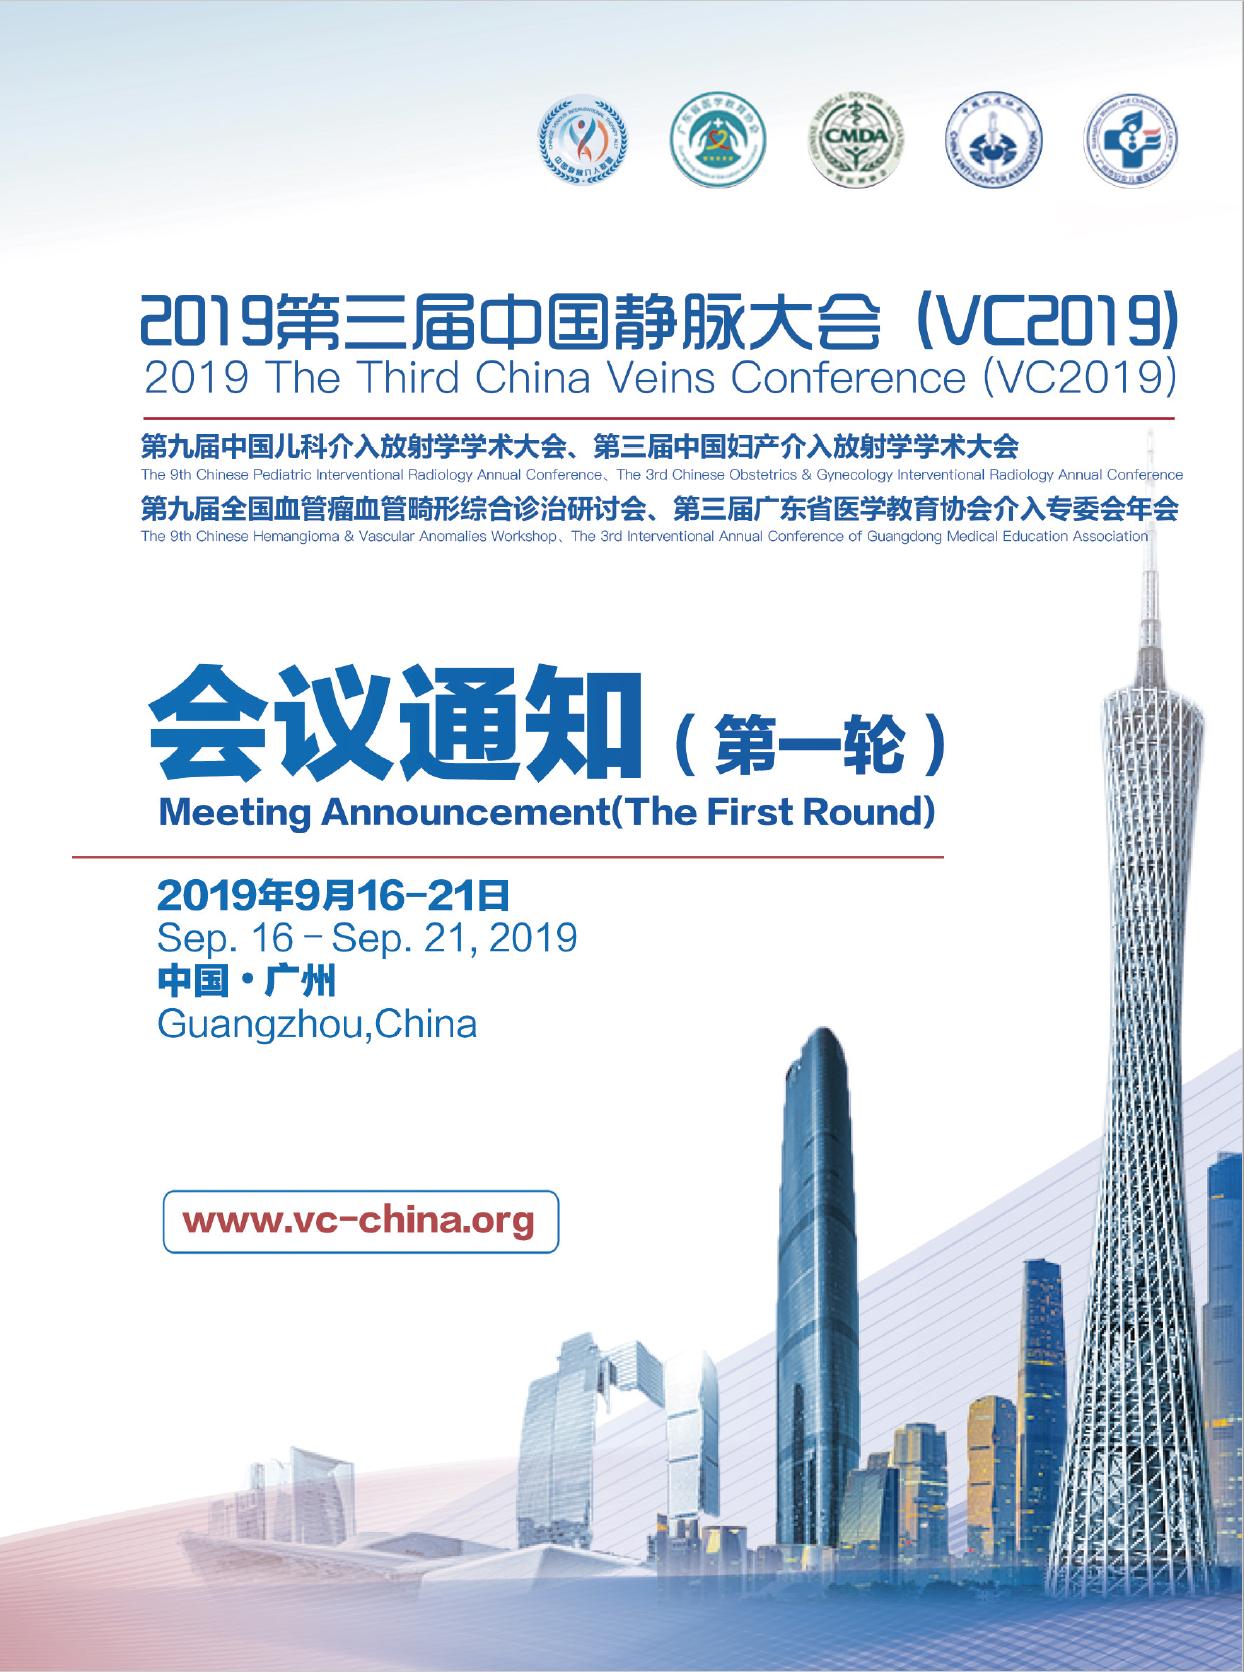 2019第三届中国静脉大会 (VC2019)